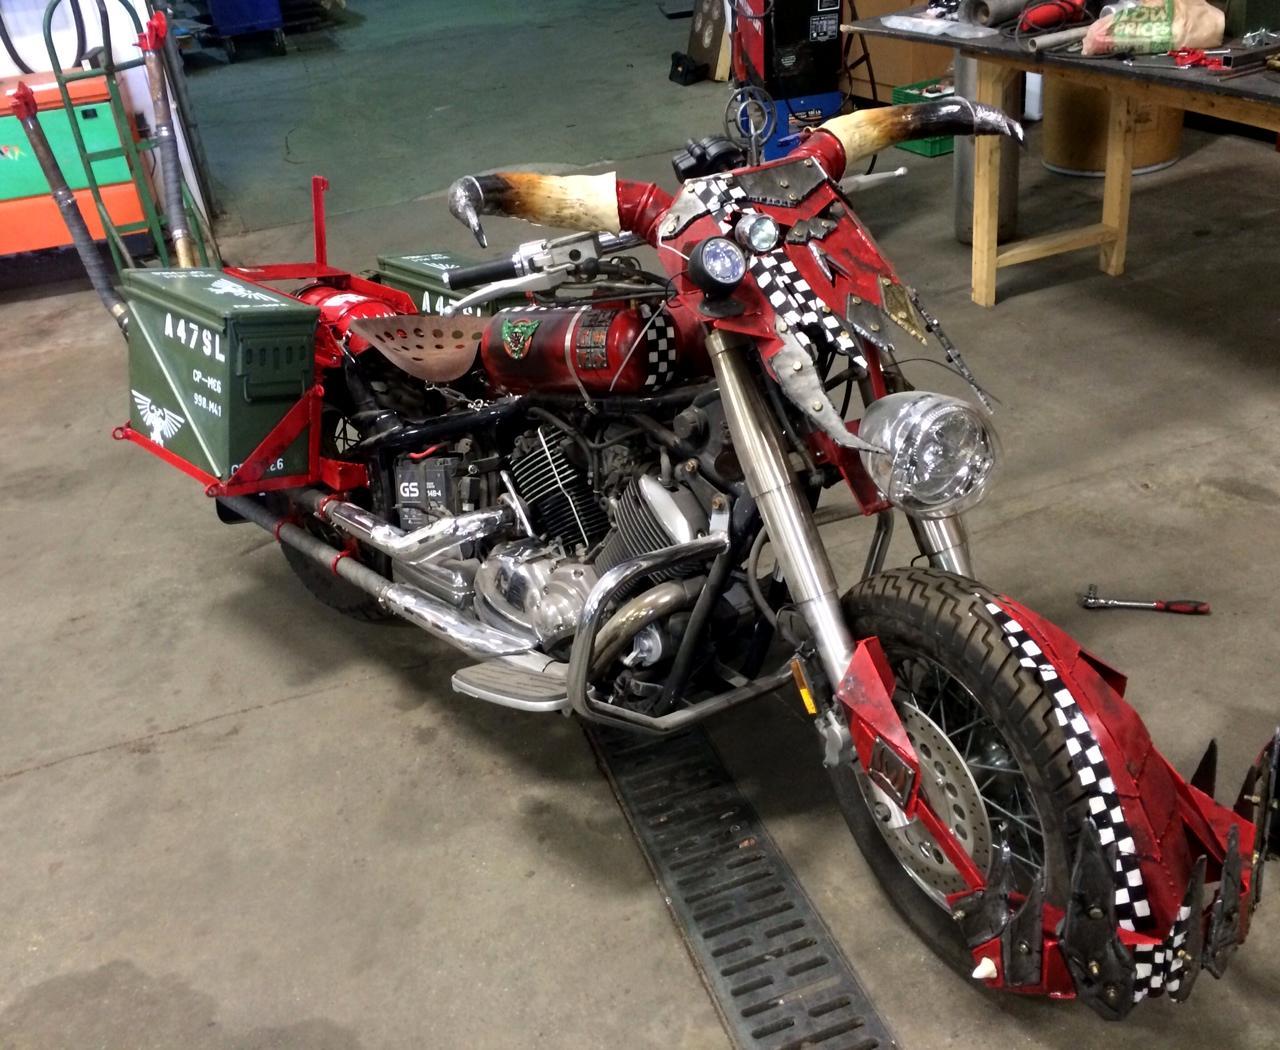 Ork Bike, Real, Warbike